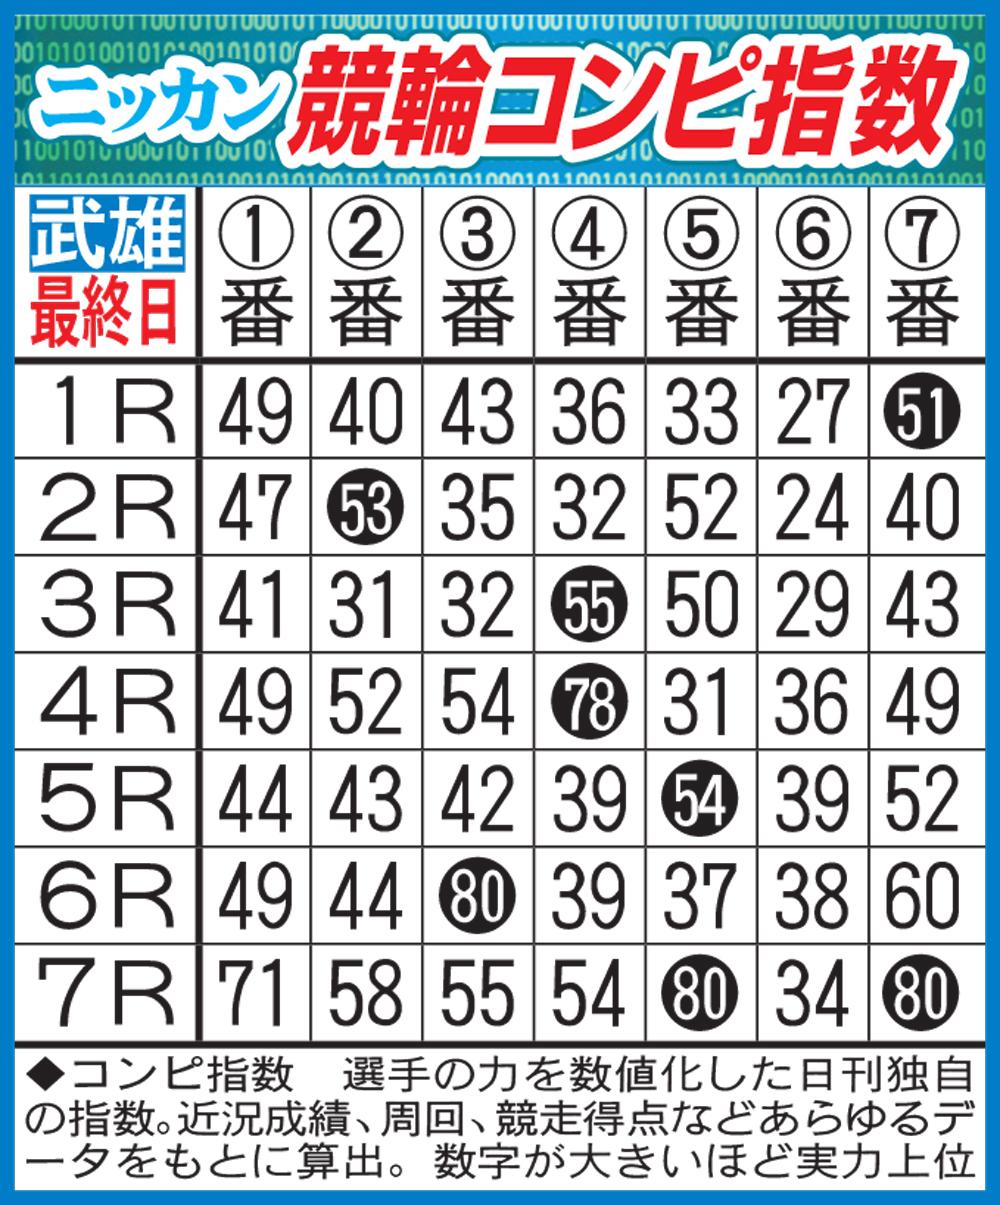 ミッドナイト競輪PDF新聞に明日から登場する競輪コンピ指数(イメージ)